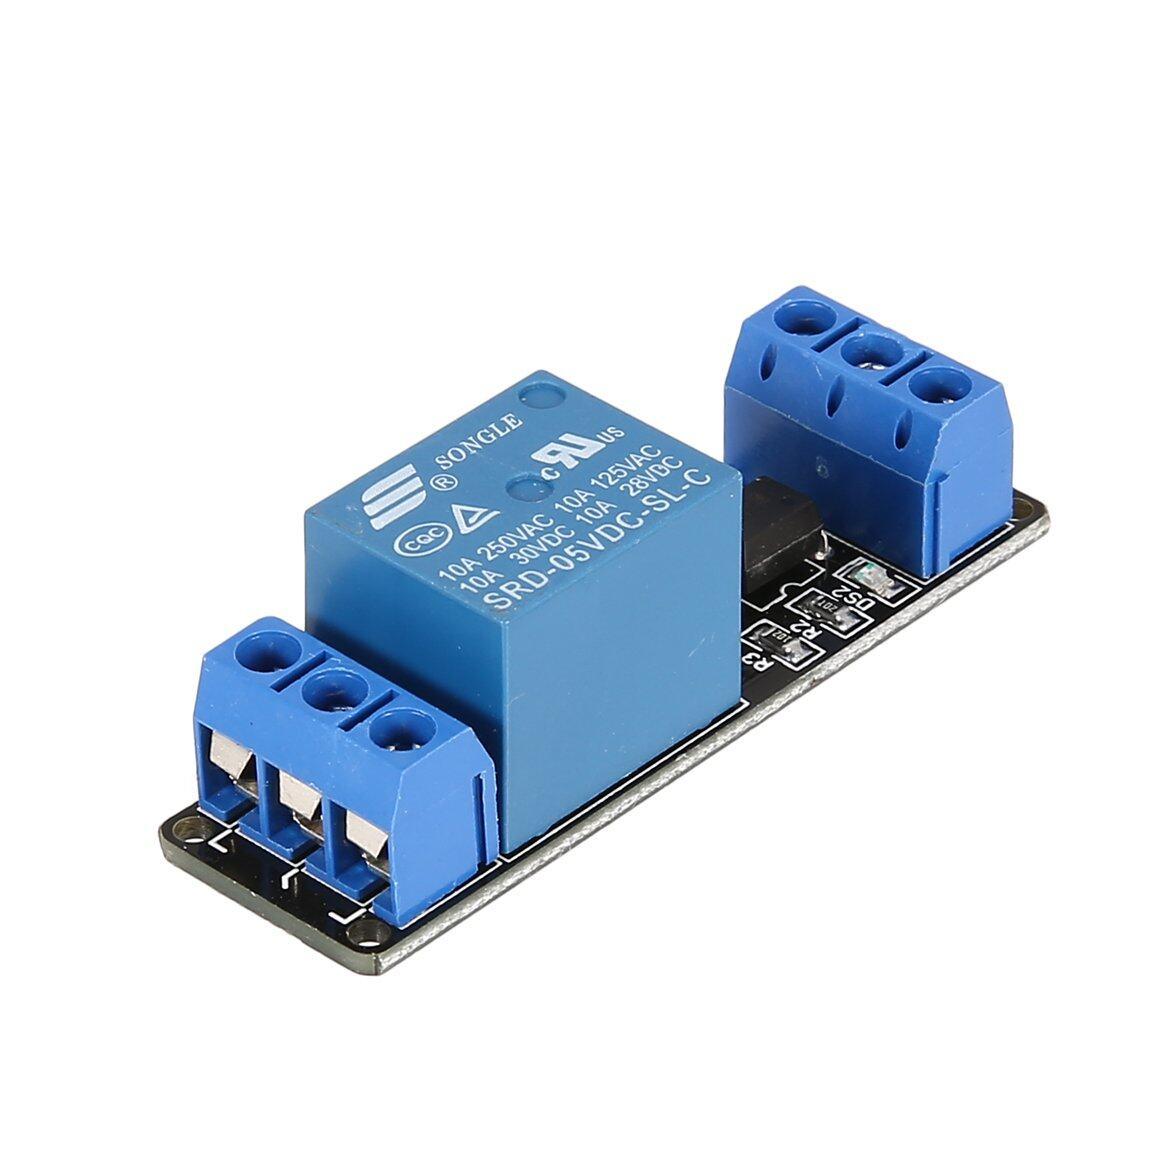 Bán chạy nhất bảng giao diện mô-đun tiếp sức 5V 1 chiều Bộ ghép nối kích hoạt mức thấp Arduino